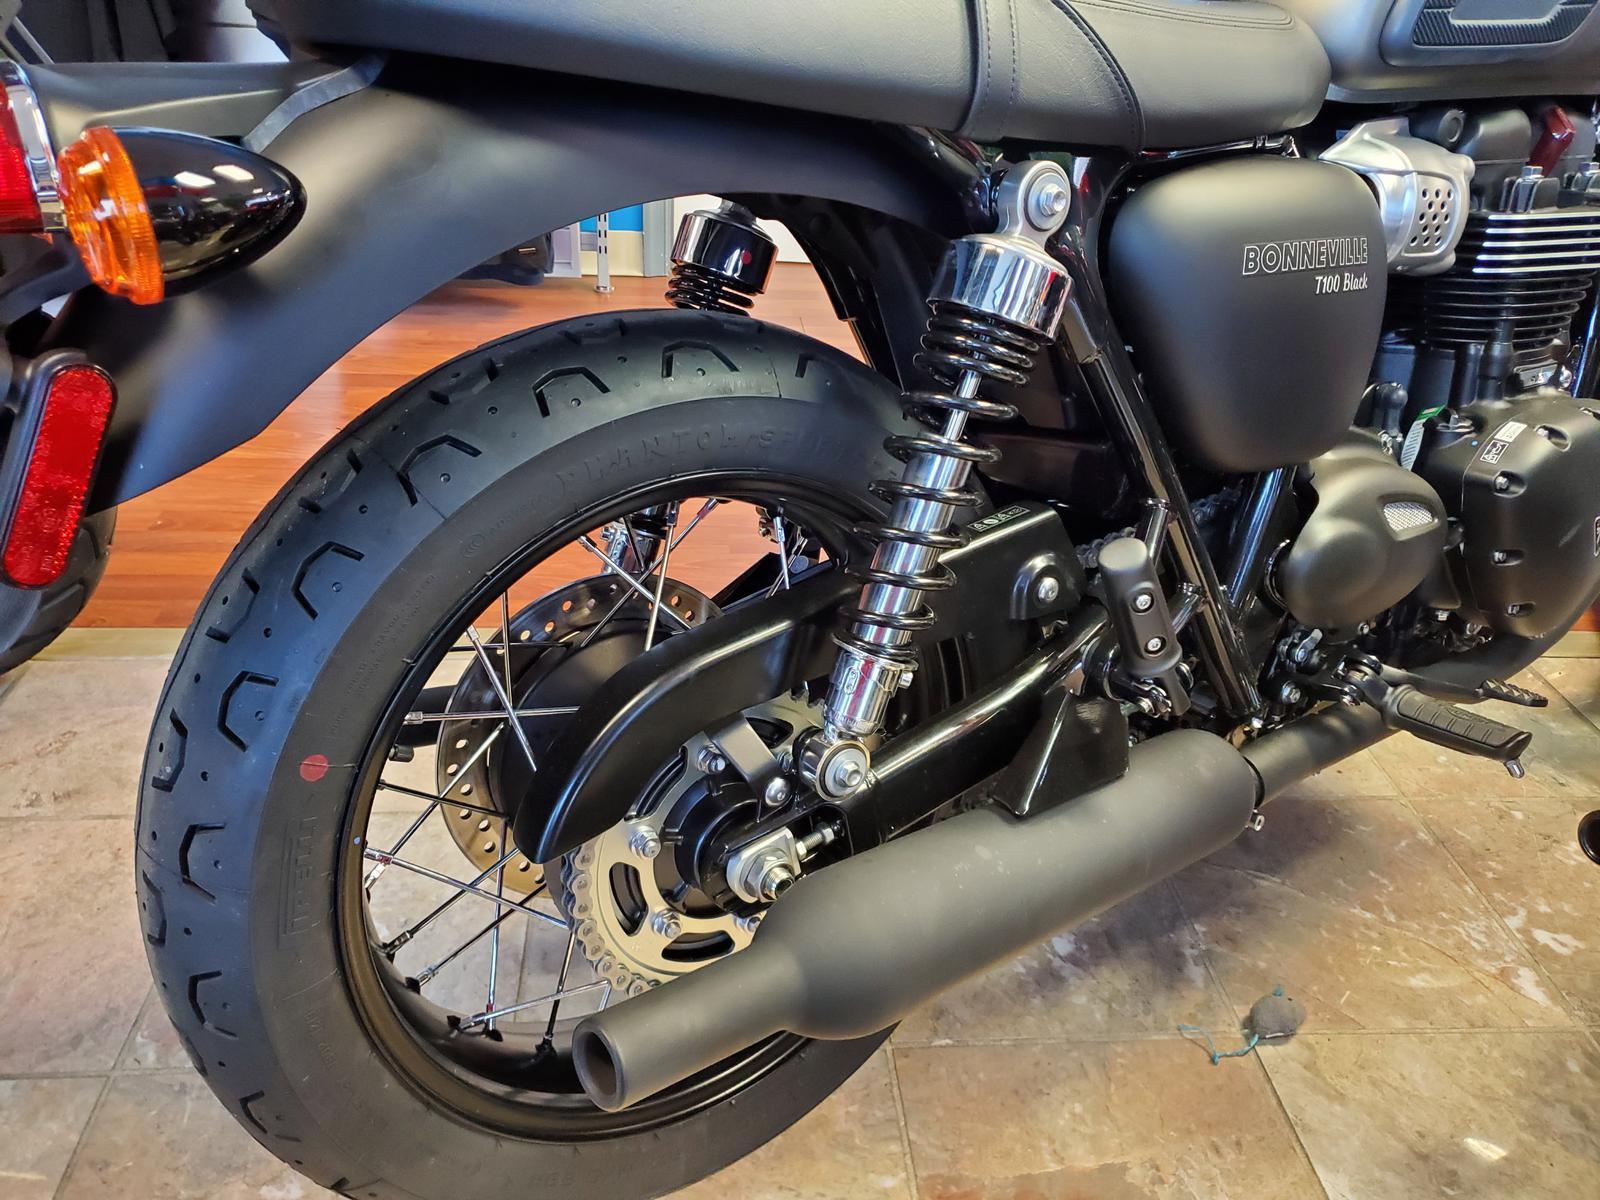 2020 Triumph Bonneville T100 For Sale In Harrisonburg Va Triumph Motorcycles Of Harrisonburg Harrisonburg Va 540 564 0990